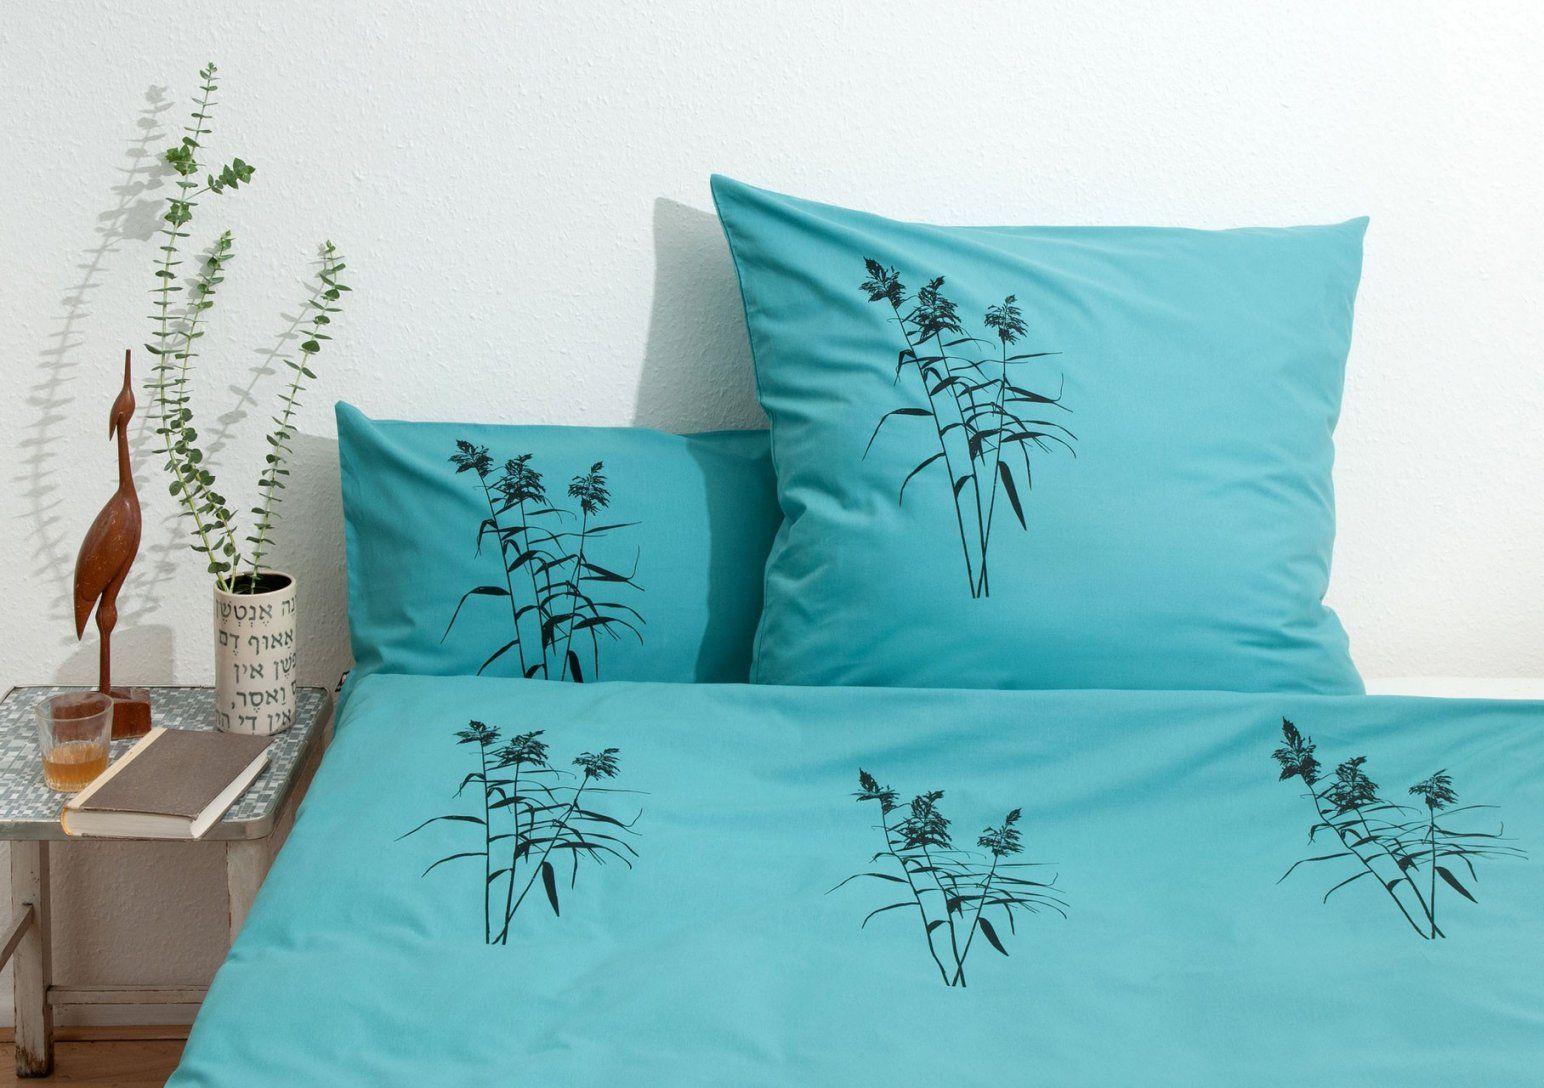 Impressive Bettwäsche Bedrucken Lassen Luxuriös Wo Kann Man Ideen von Bettwäsche Bedrucken Lassen Text Bild